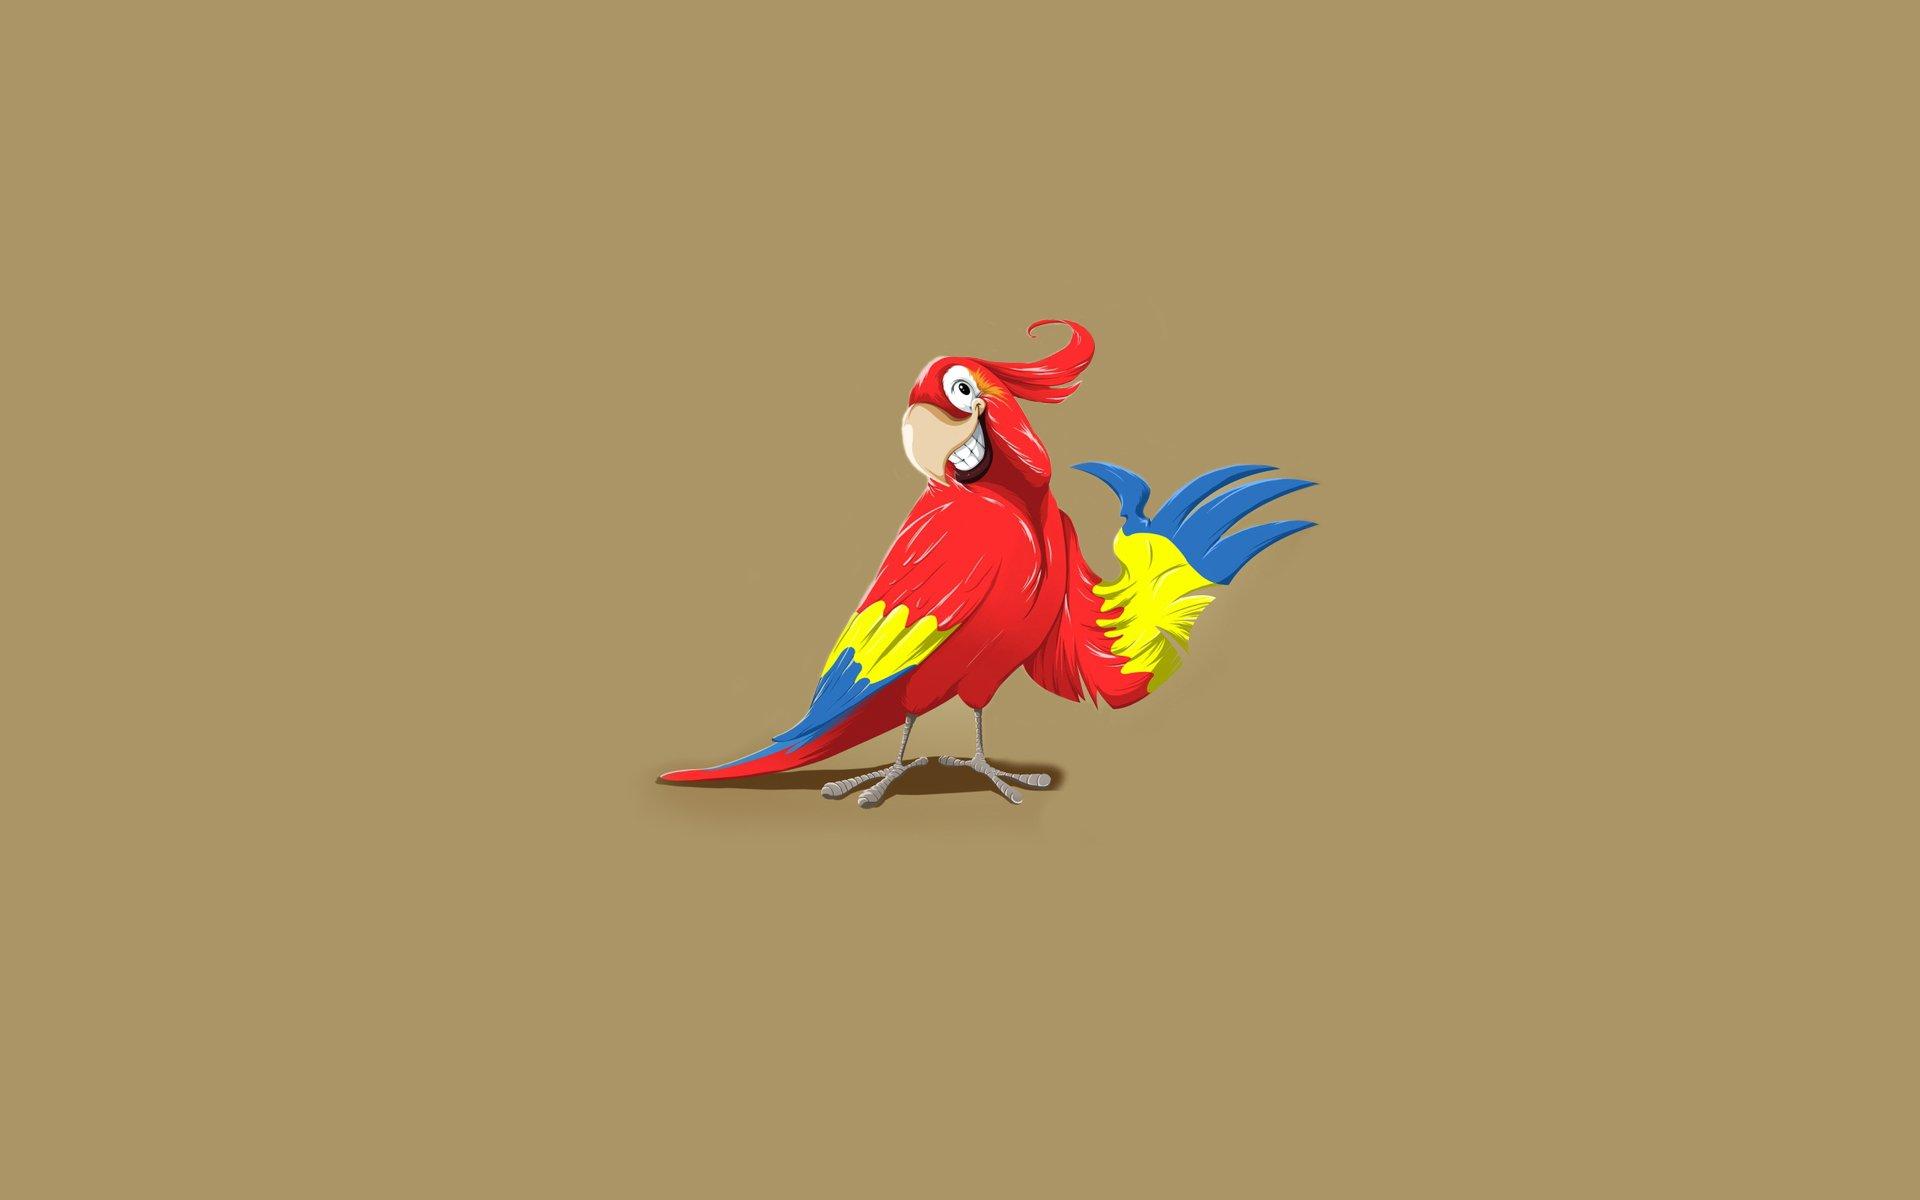 Смешные рисунки про попугаев, днем